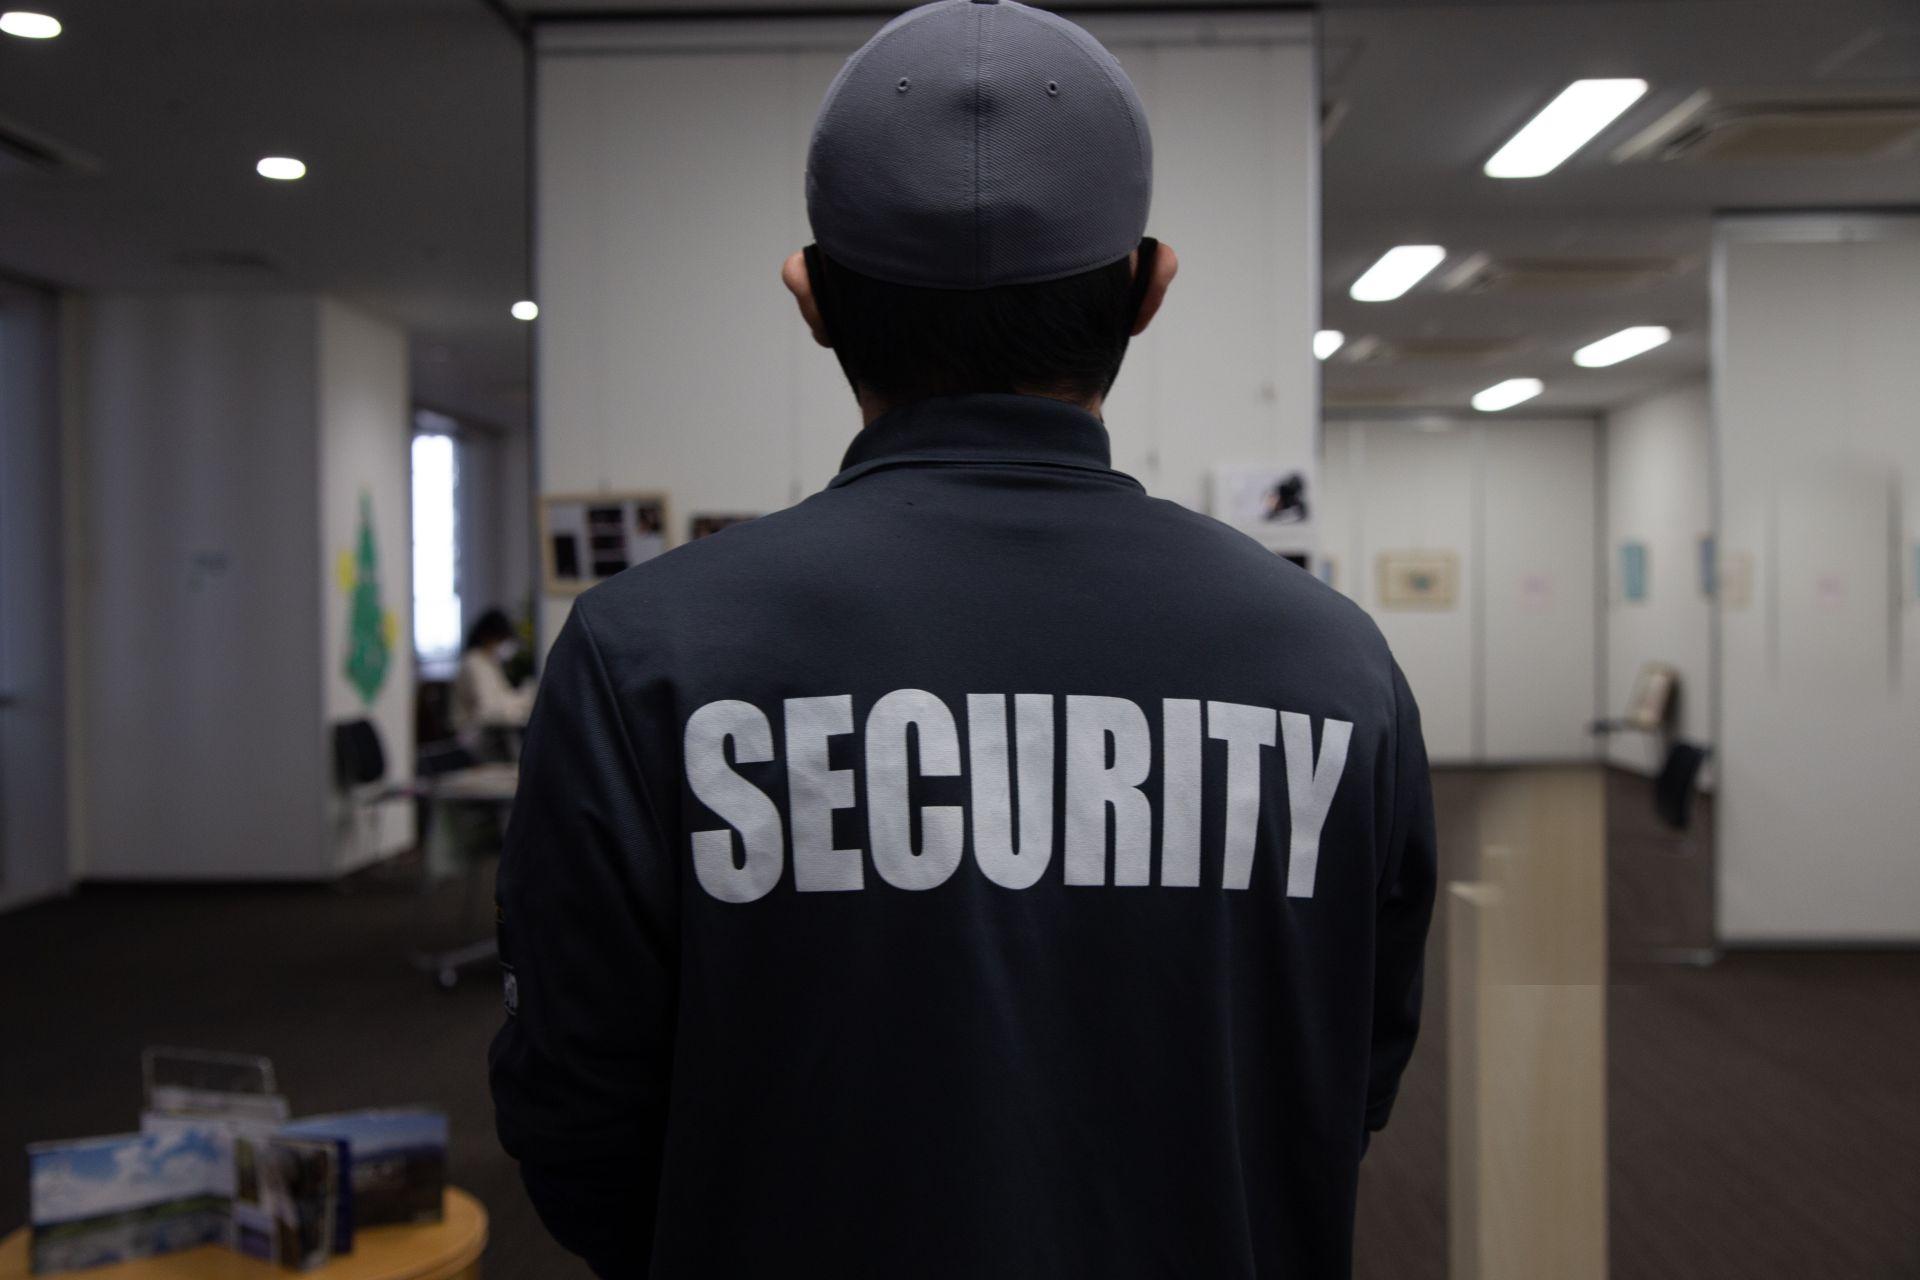 Ασφάλεια αστικής ευθύνης για εταιρείες ασφαλείας Security